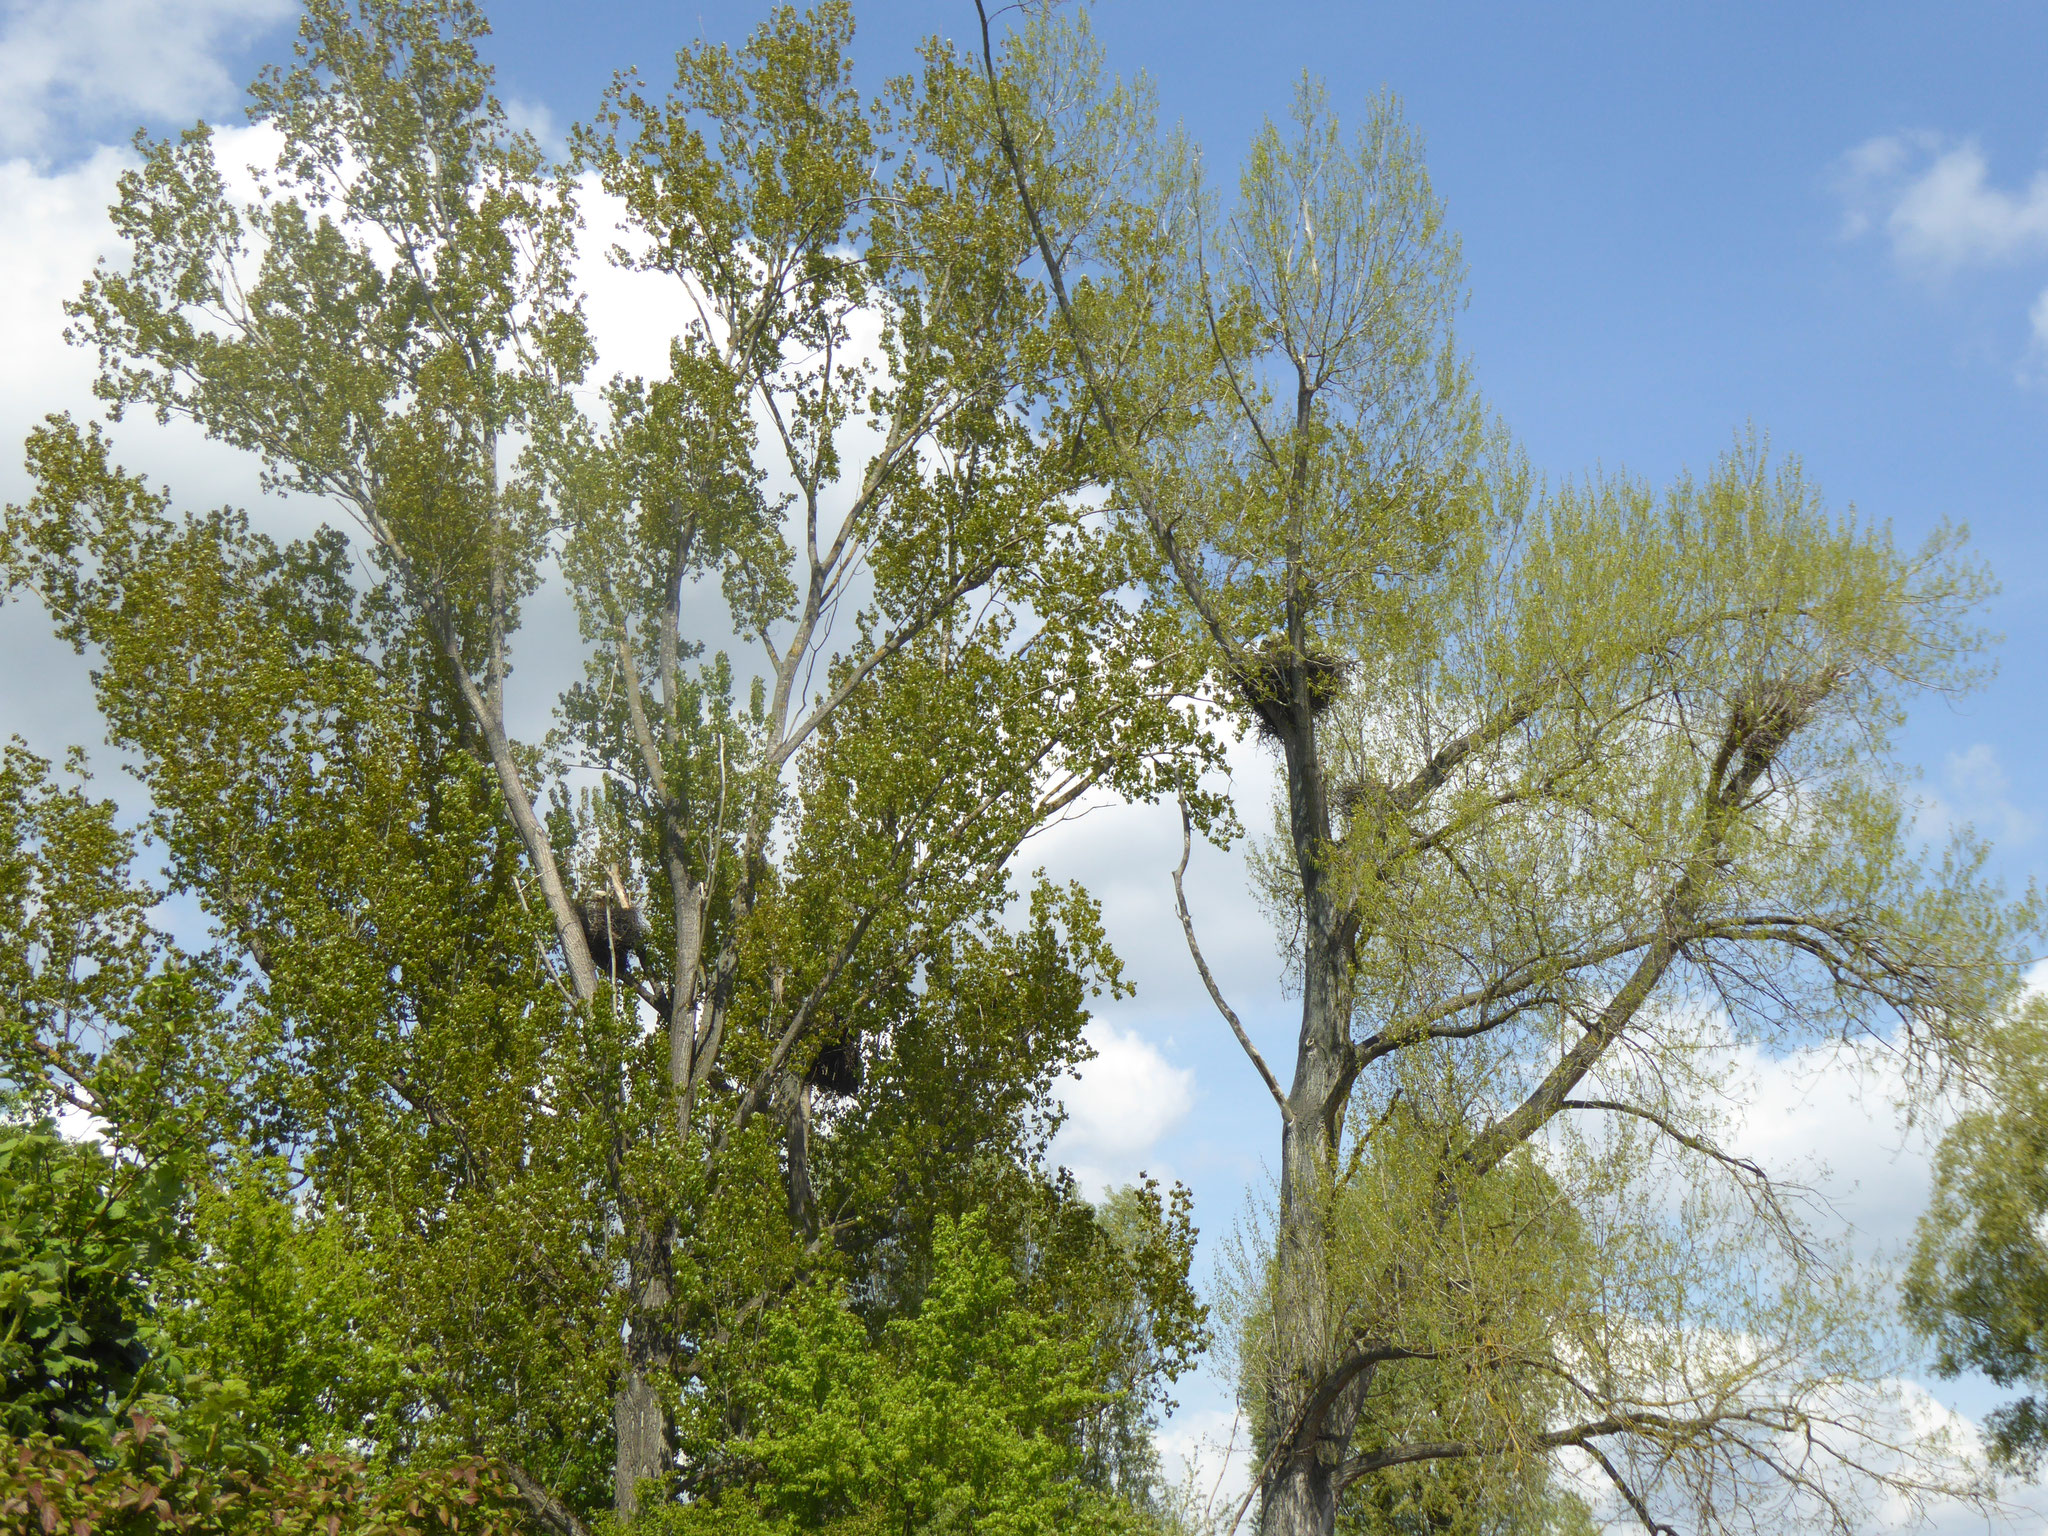 Storchenkolonie in Dornheim, zwischen Neckarring und Baugebiet Nachtweide (7 Nester)